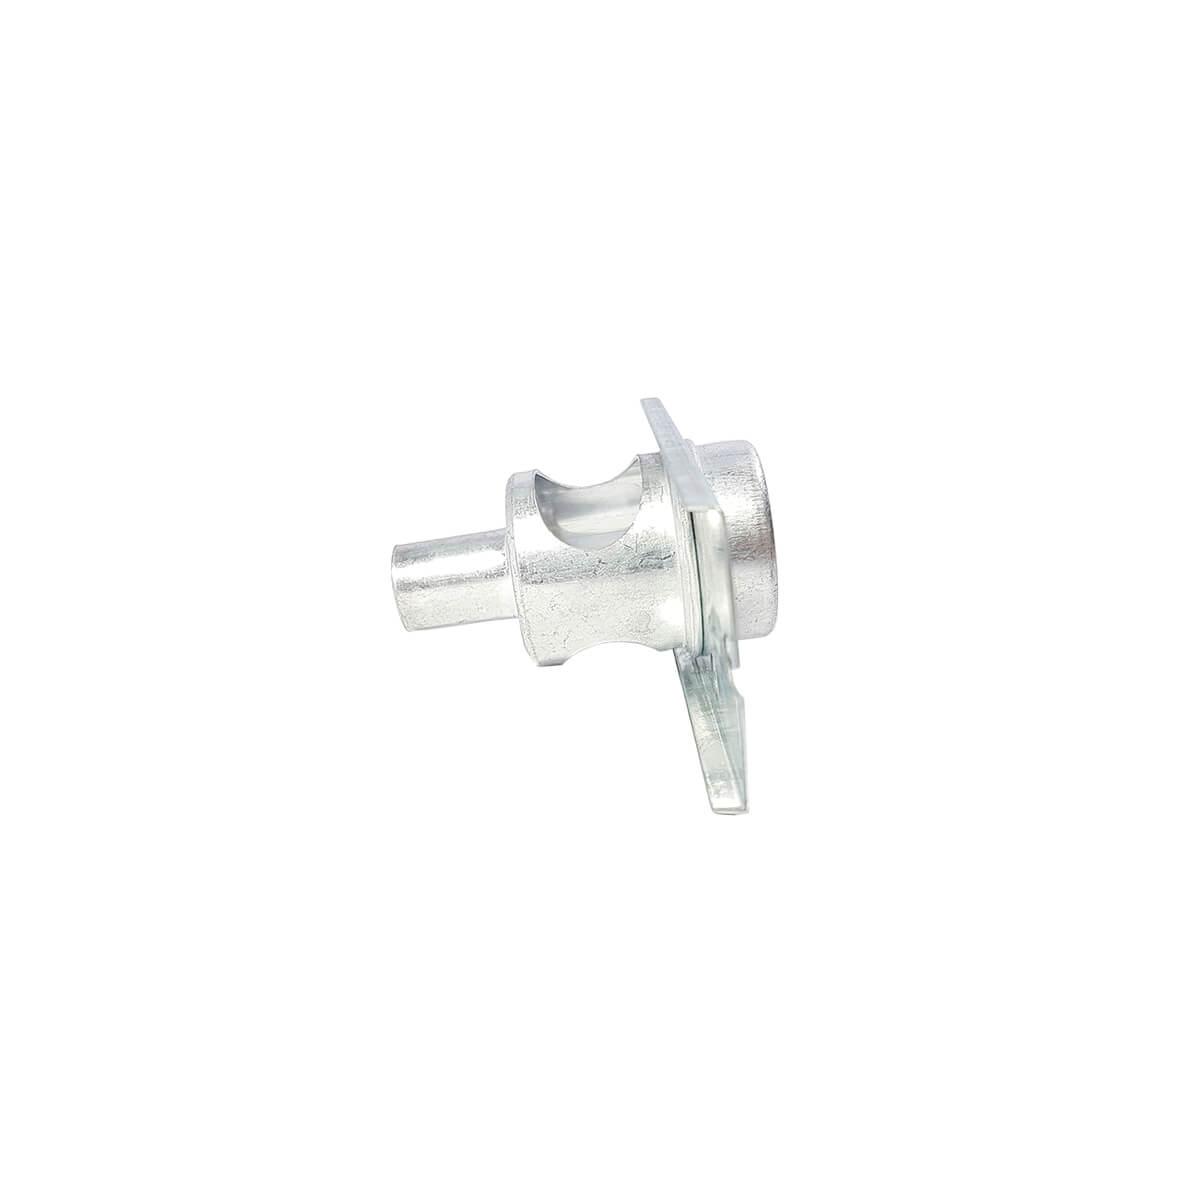 Venturi Queimador Auxiliar Para Fogão 4 Bocas Electrolux - 72001732